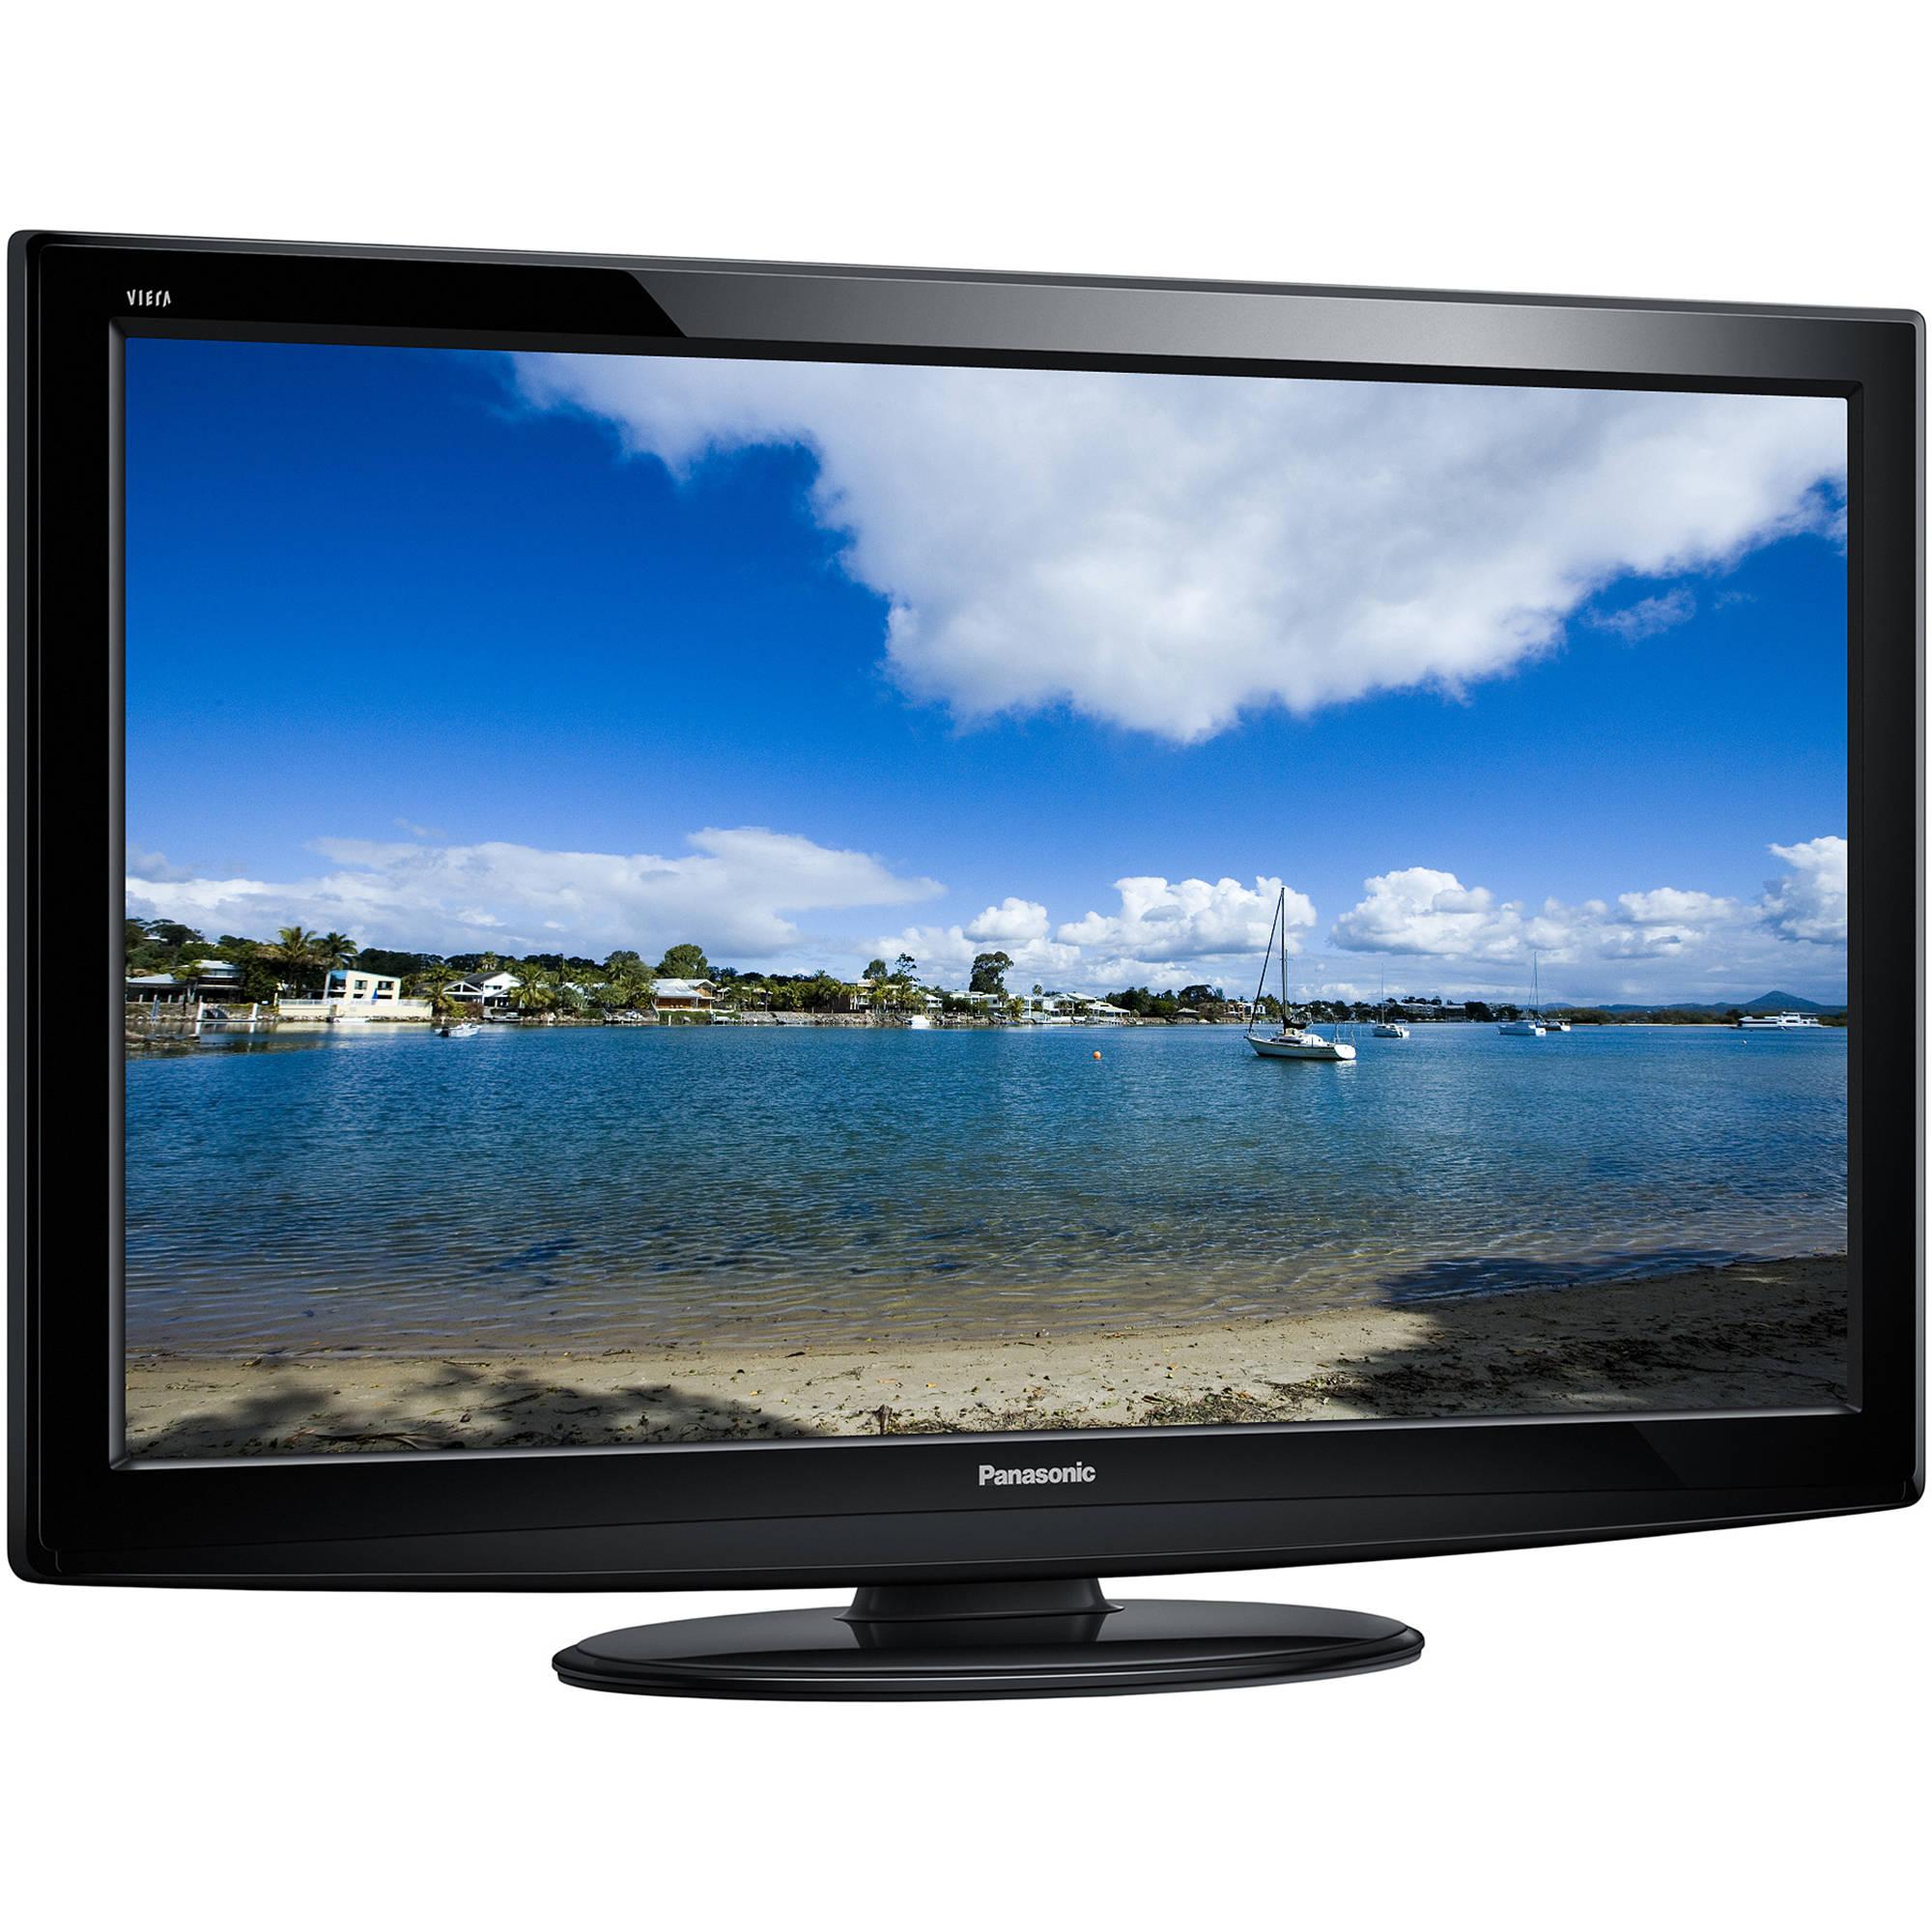 Panasonic TC L37U22 37 Viera 1080p LCD TV TC L37U22 BampH